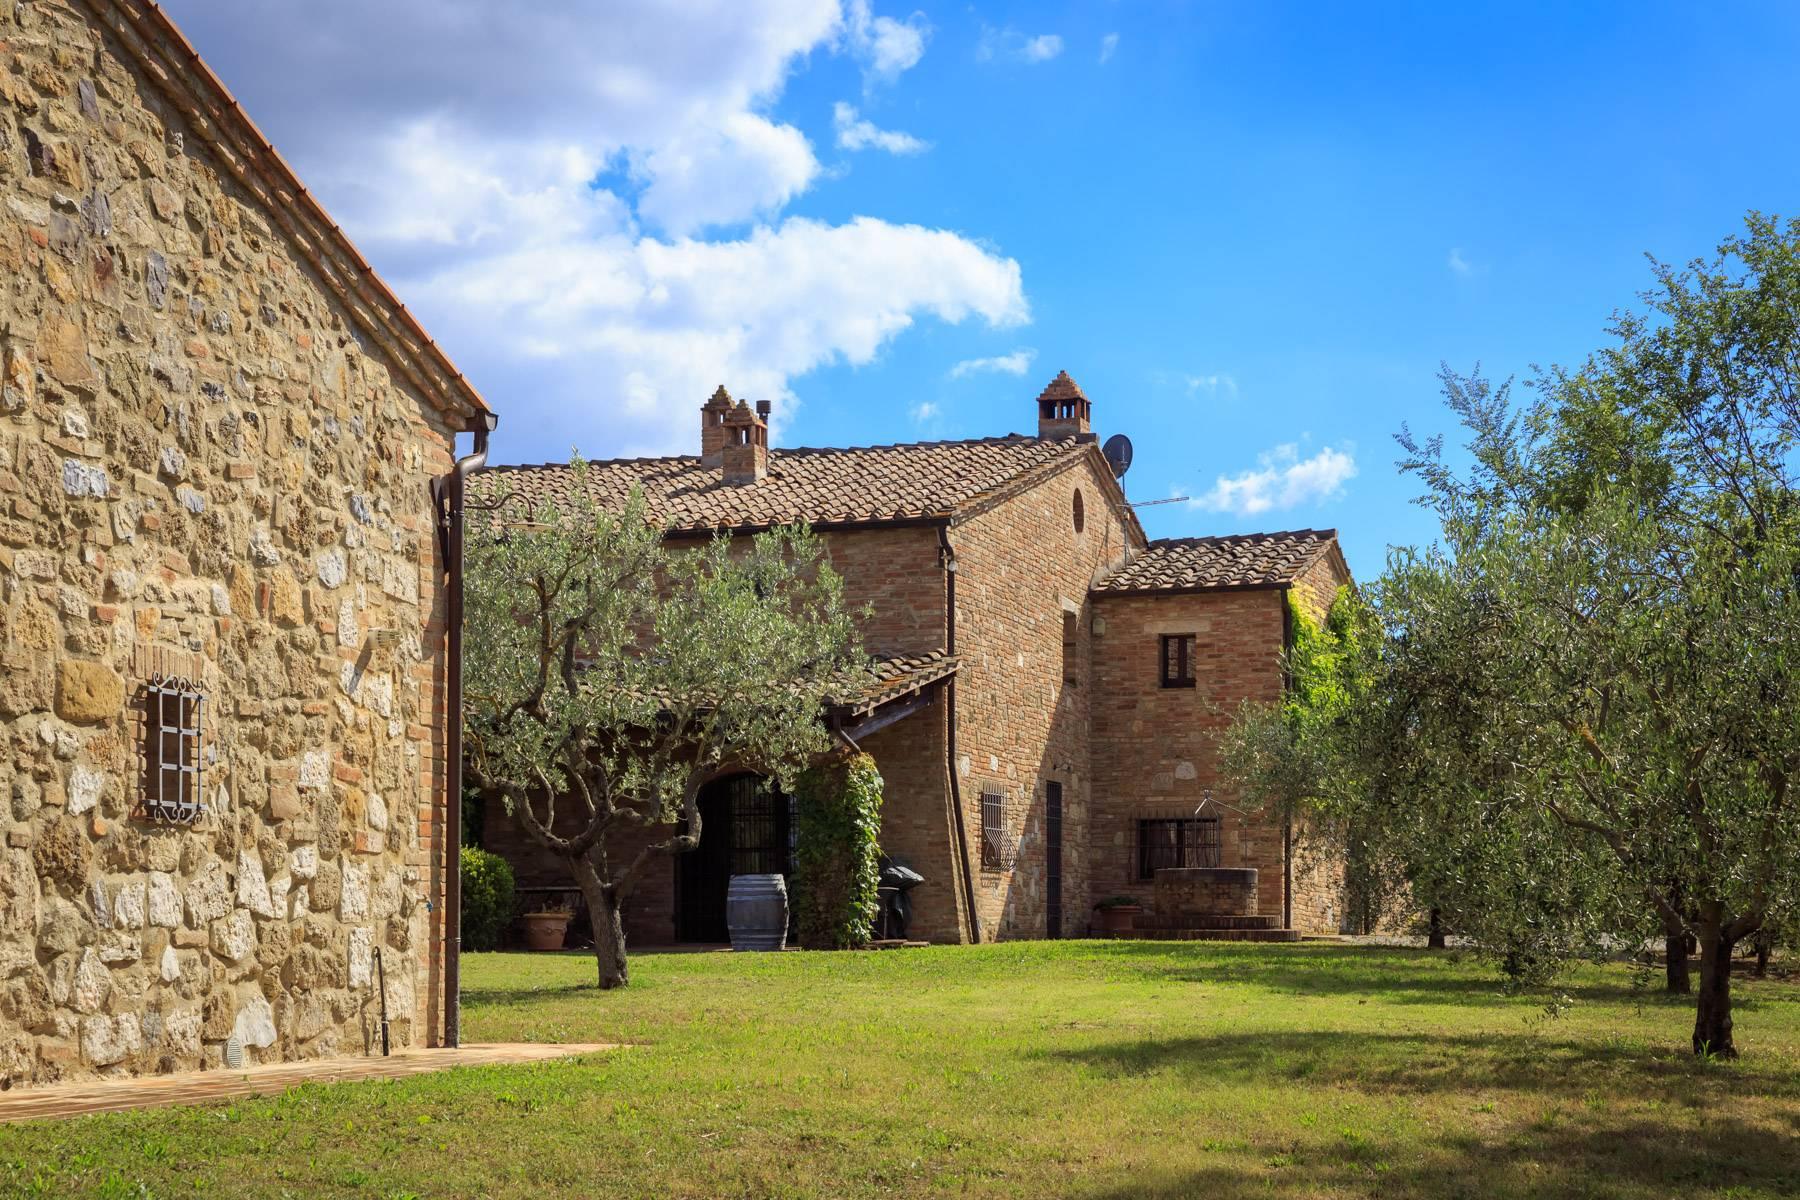 Villa in Vendita a Asciano: 5 locali, 430 mq - Foto 7